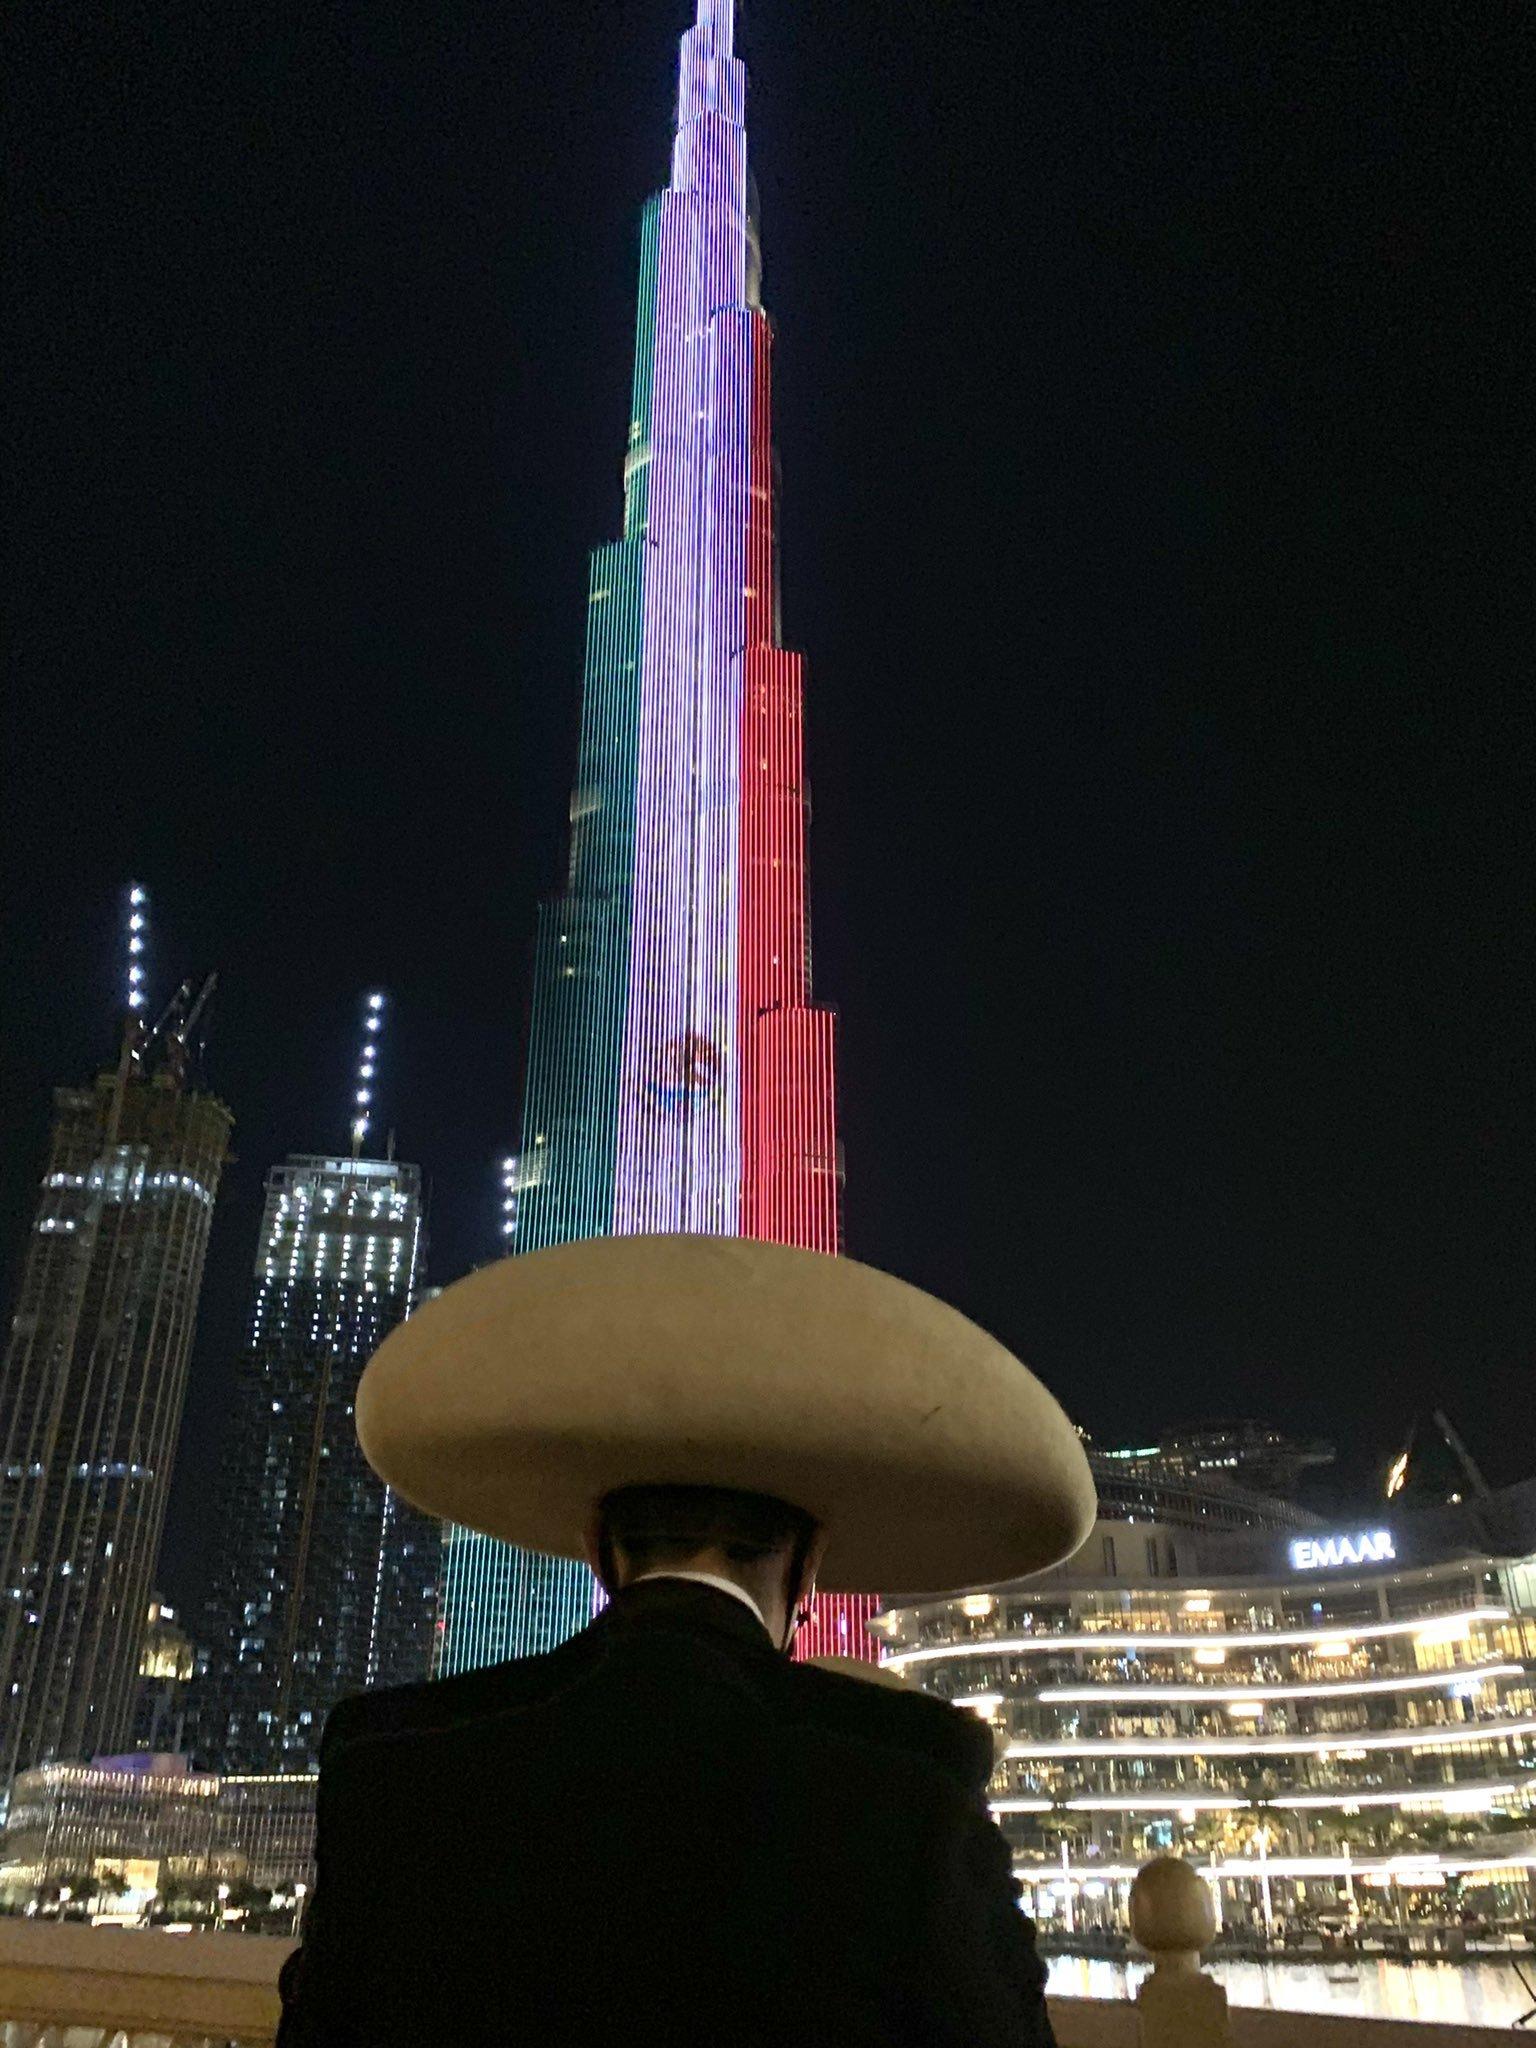 Noche mexicana: La Torre Burj Khalifa de los Emiratos Árabes se pinta con la bandera de México | MARCA Claro México